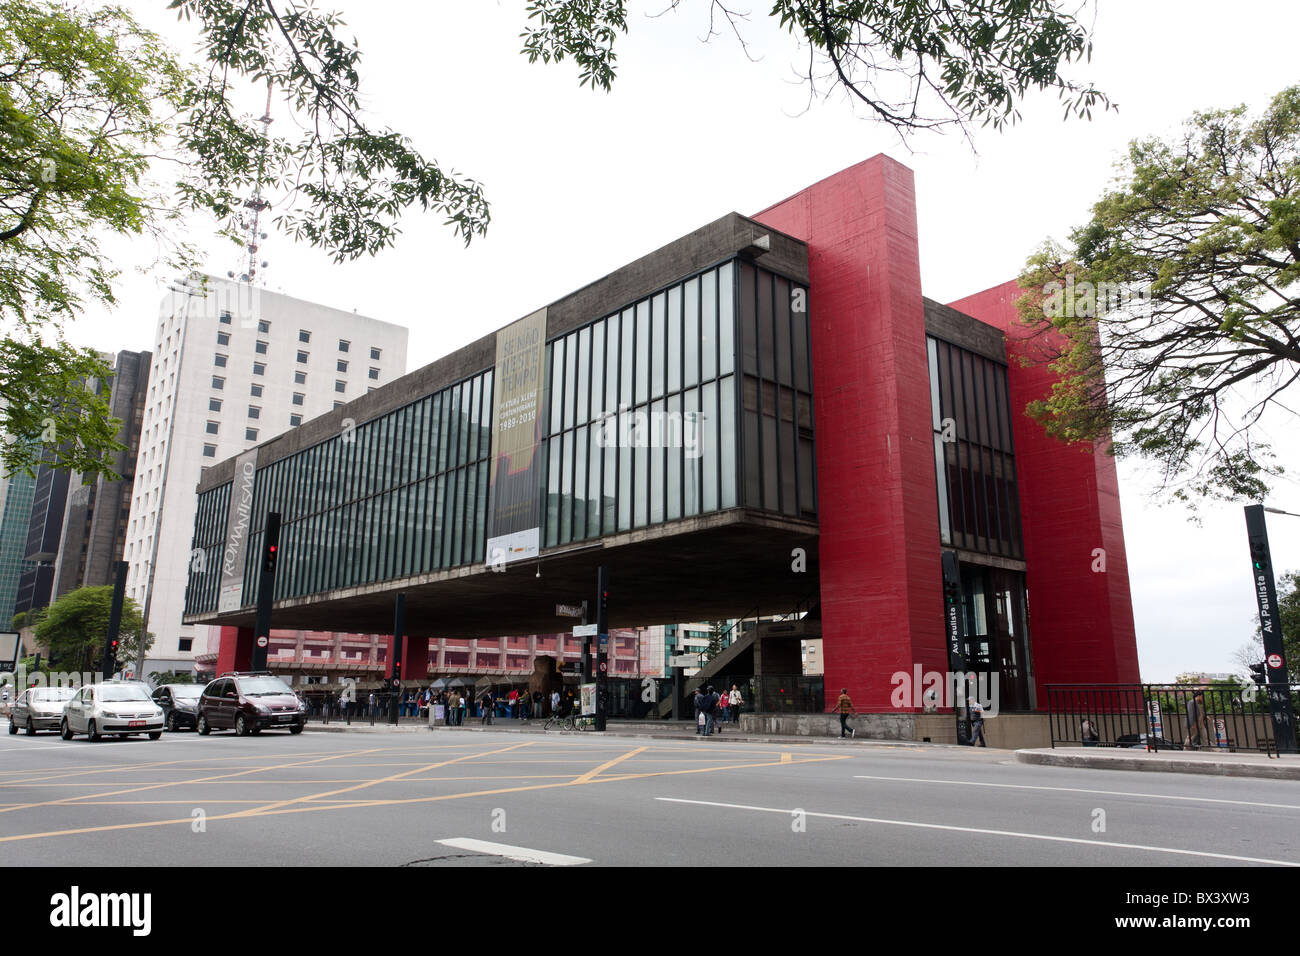 Museu de Arte de São Paulo - MASP (Museo de Arte de Sao Paulo), Avenida (Avenida) Paulista, Sao Paulo, Brasil. Imagen De Stock